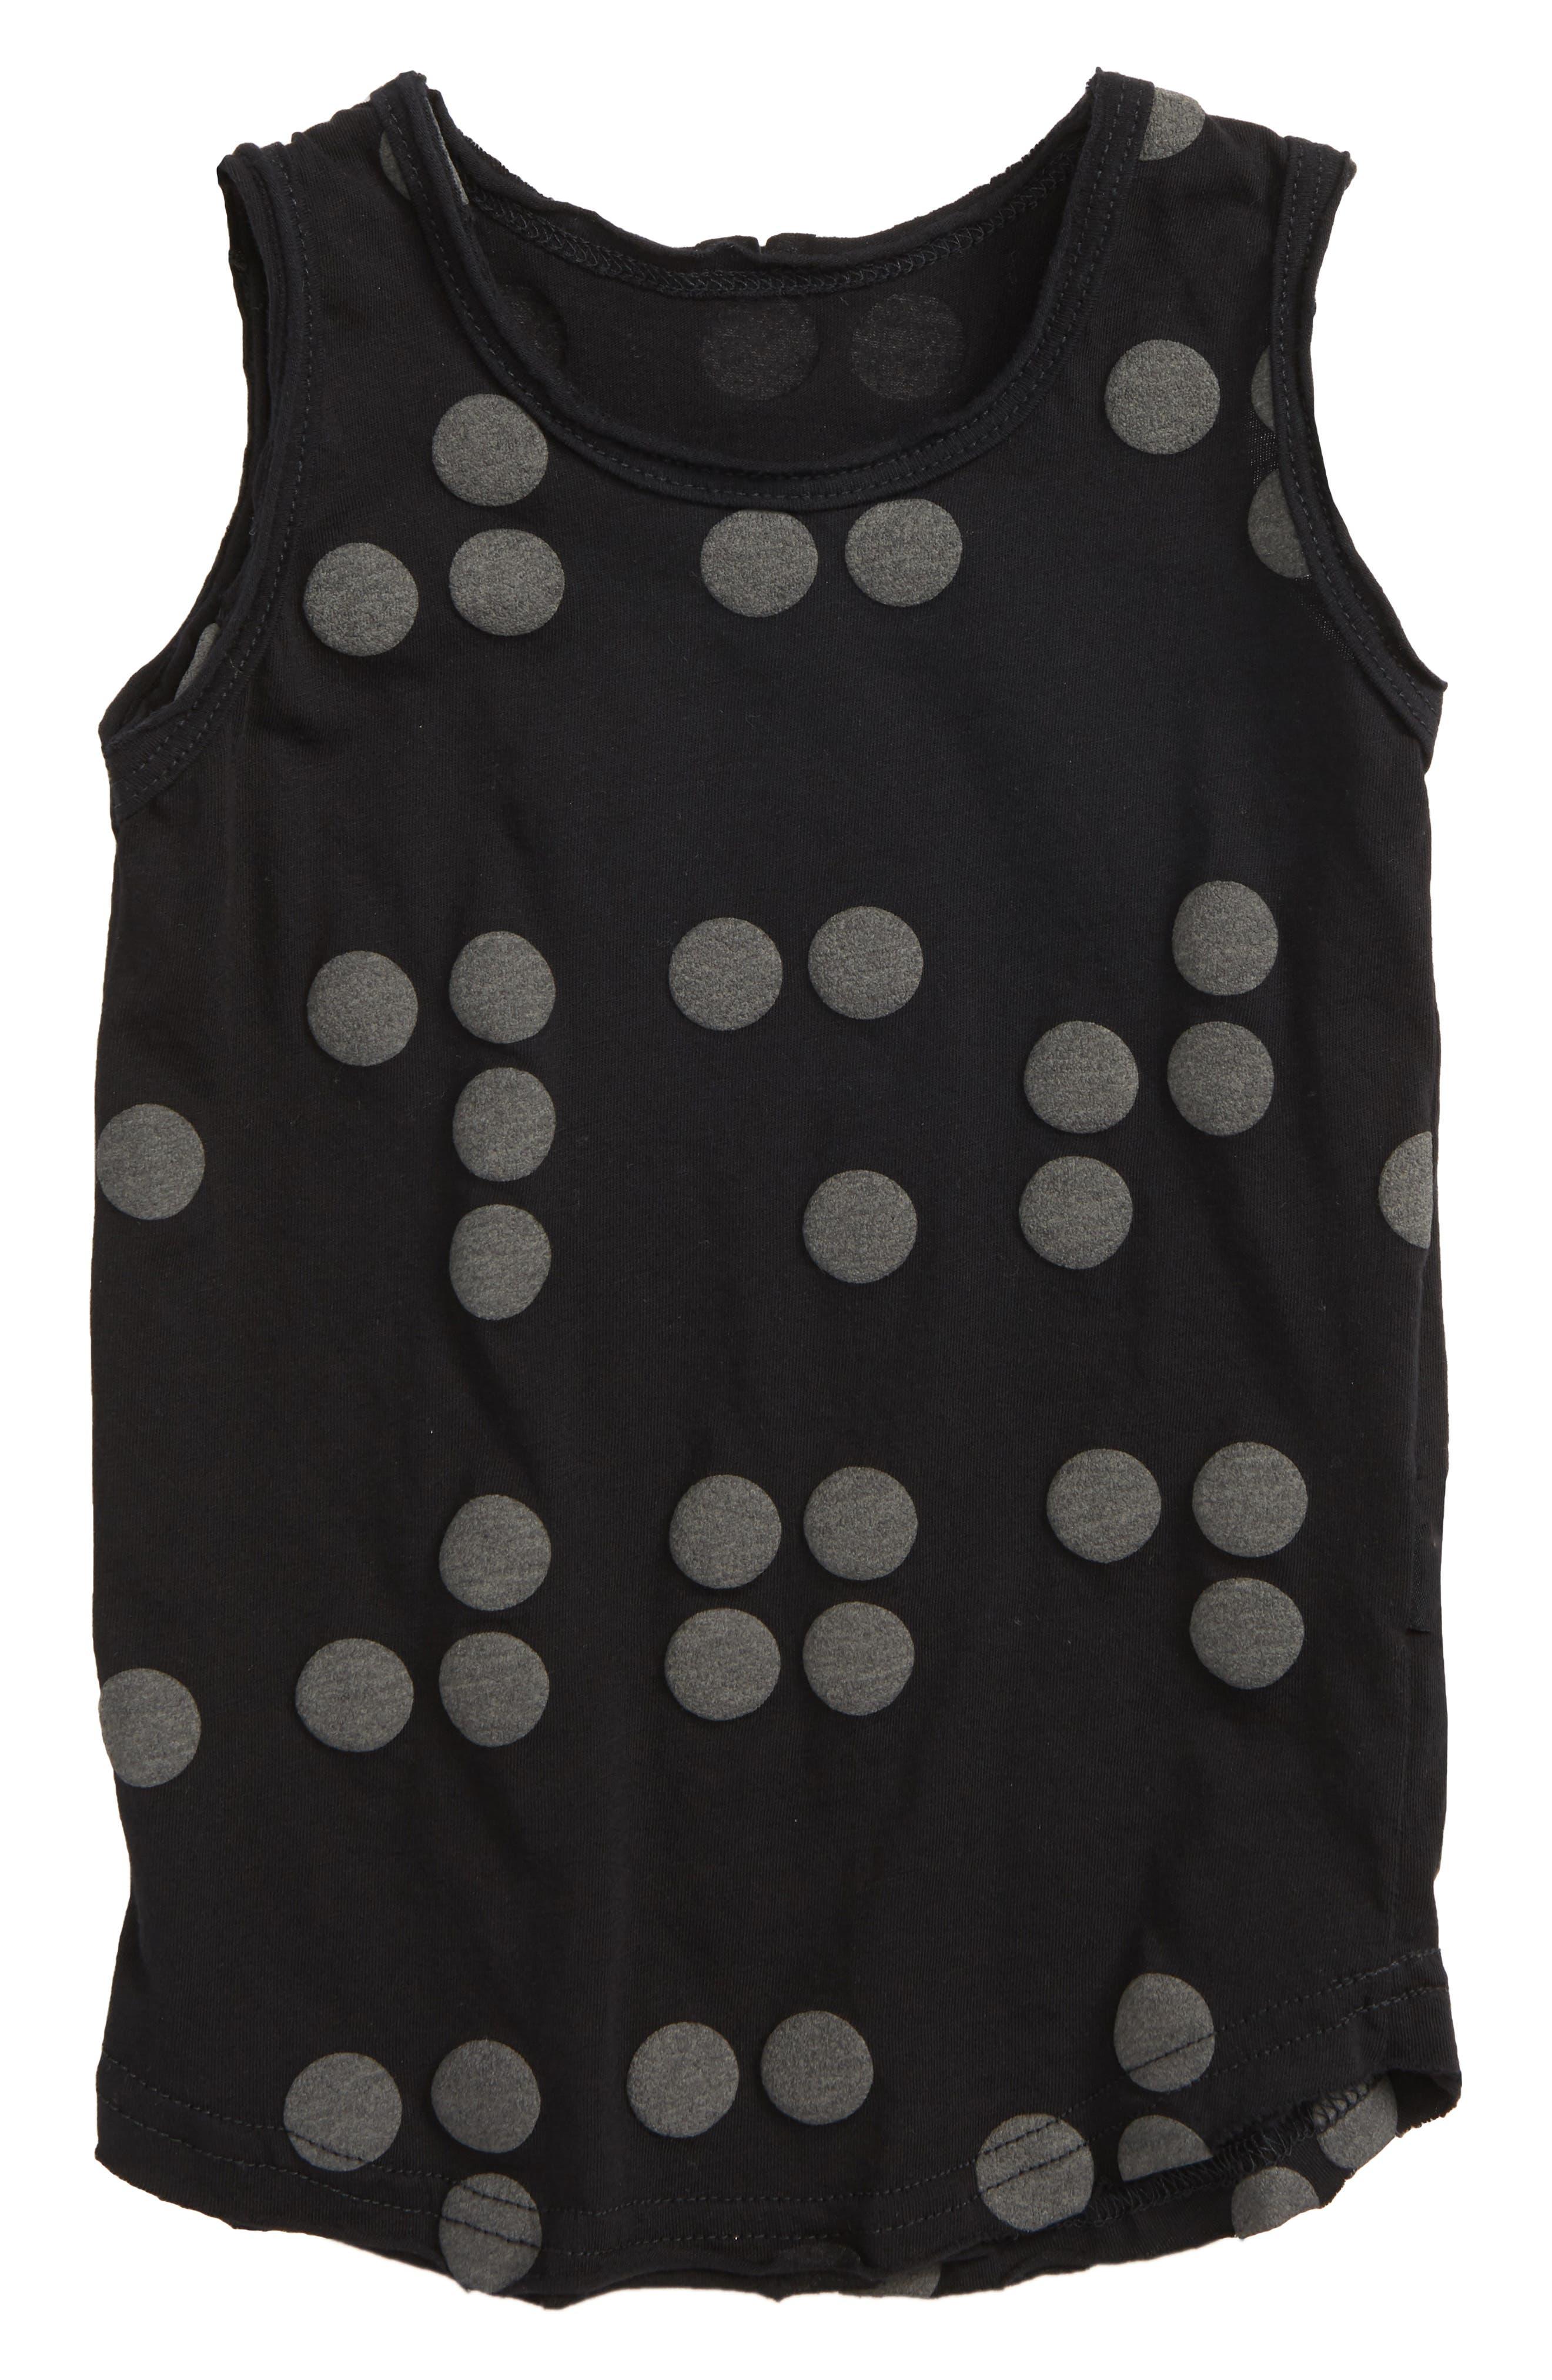 Braille Dot Tank,                             Main thumbnail 1, color,                             Black